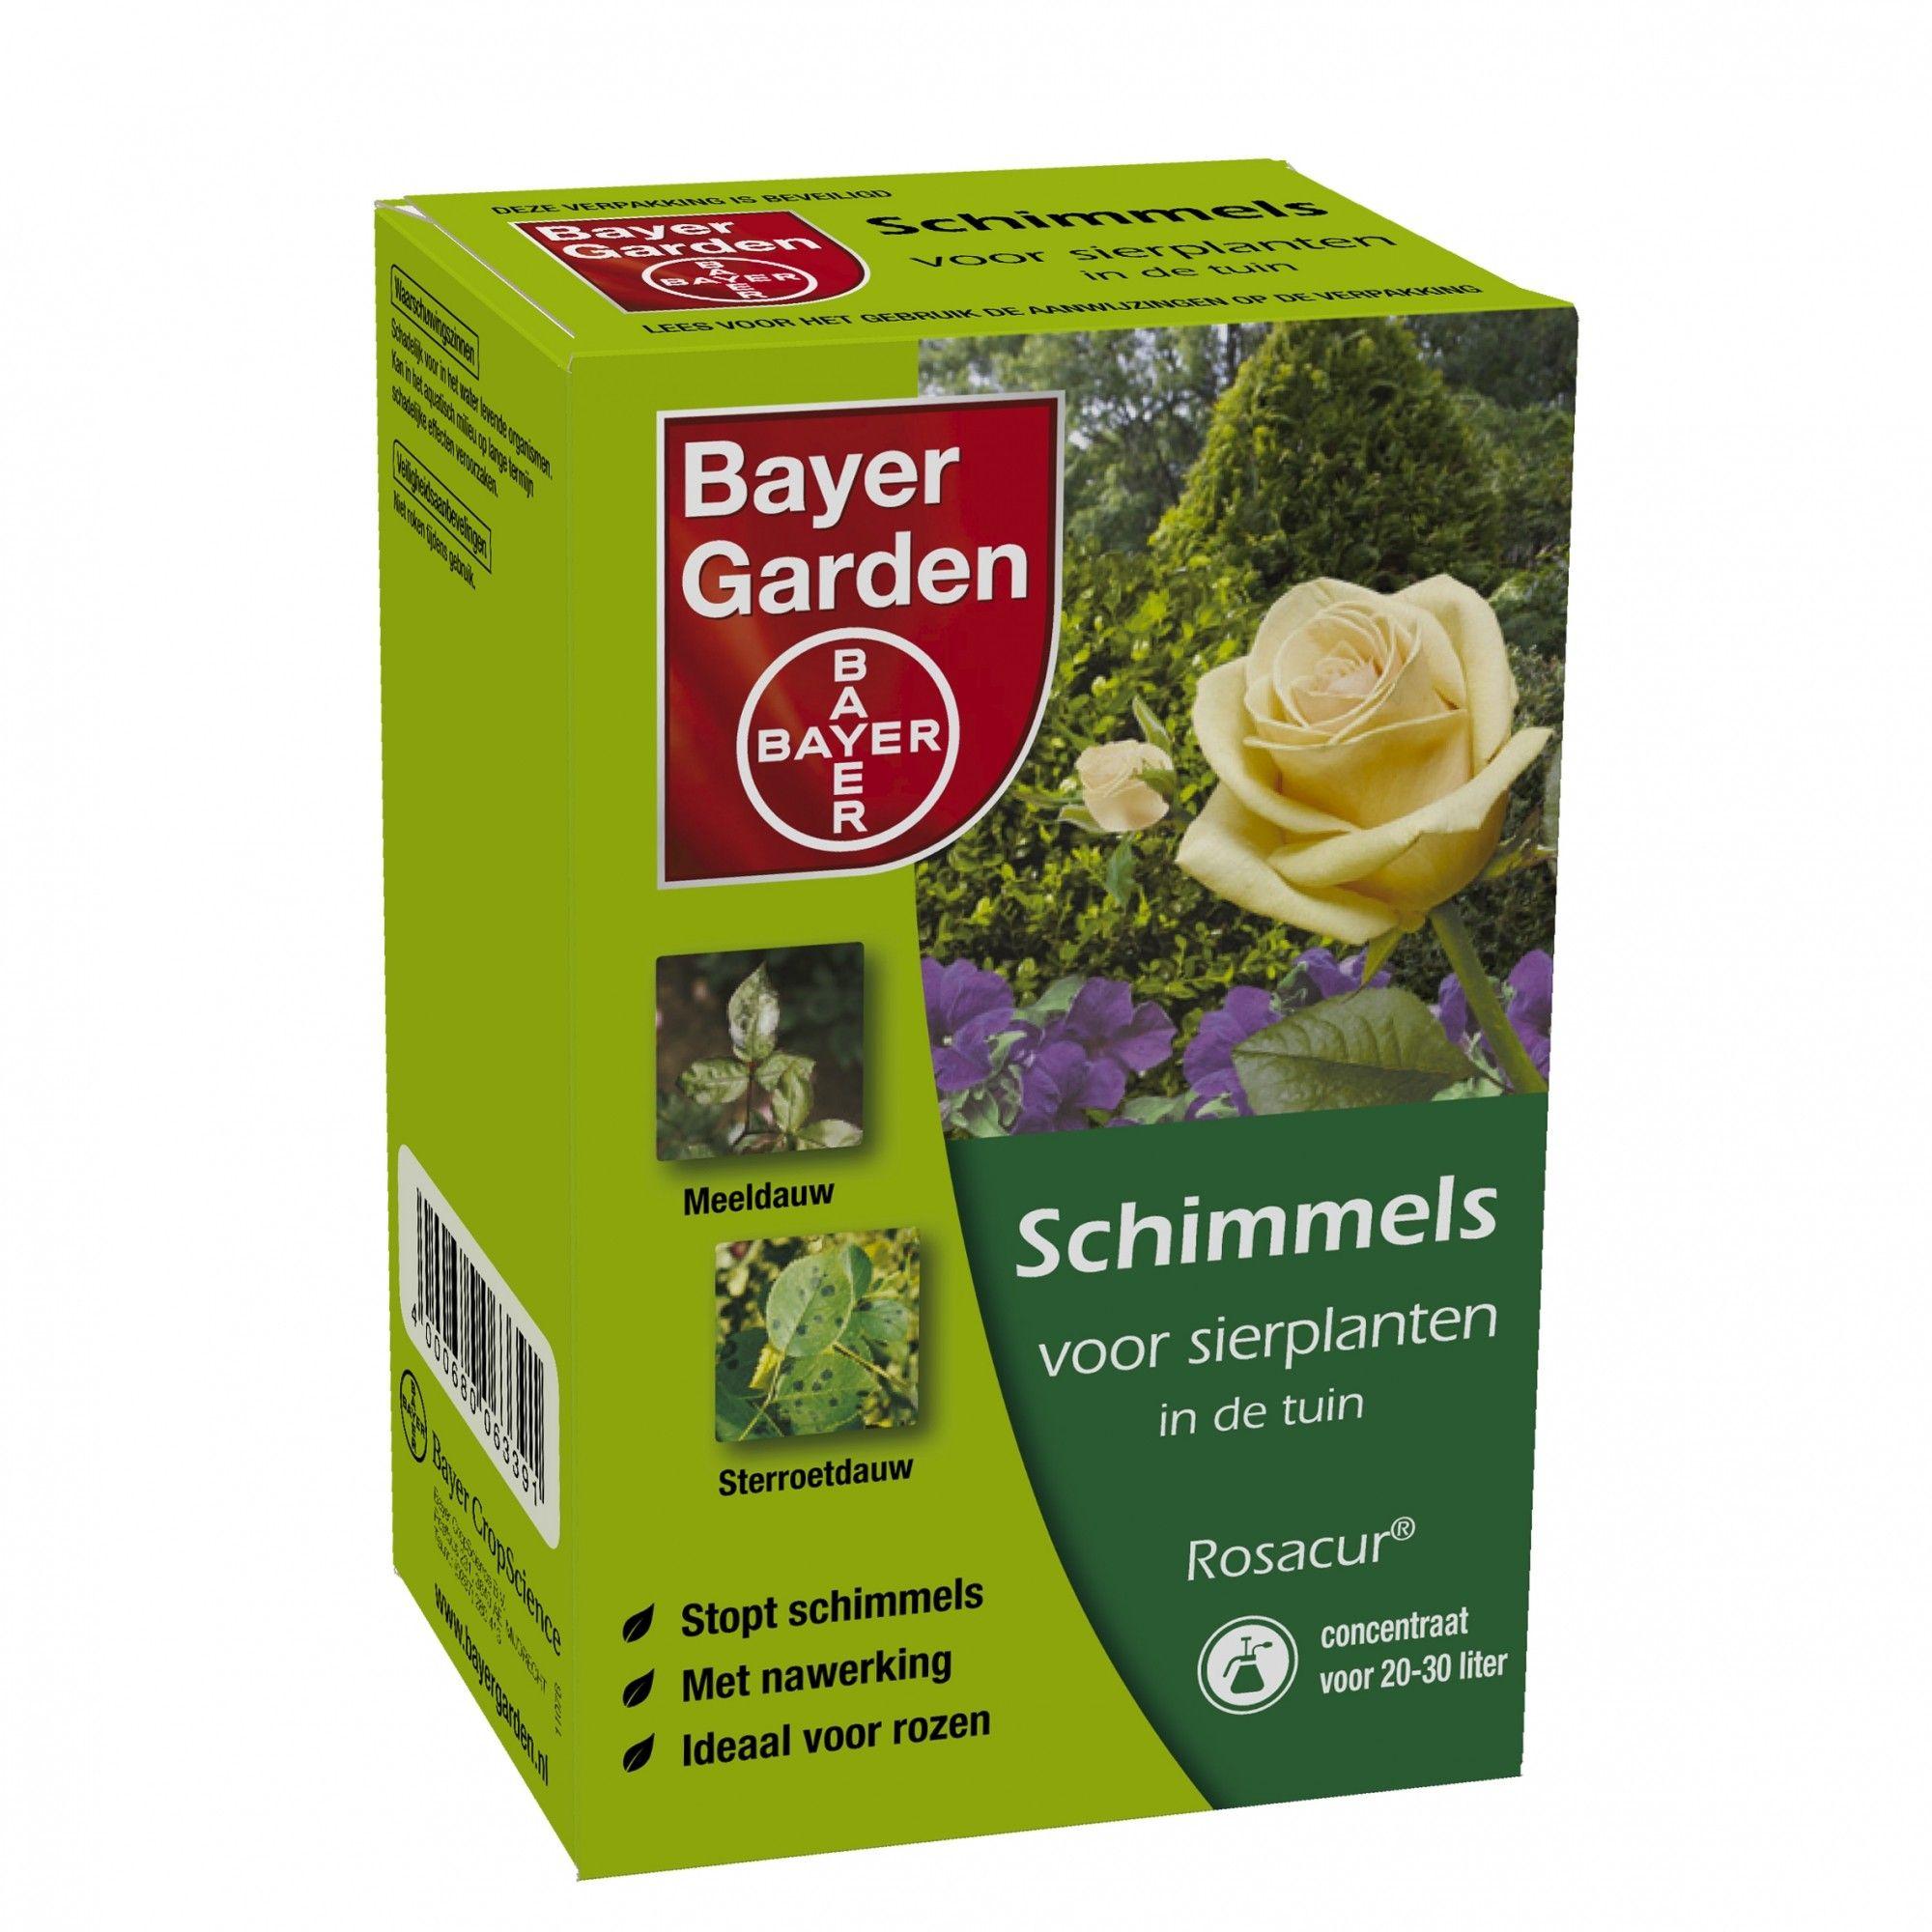 Rosacur Bayer tegen o.a. sterroetdauw en meeldauw